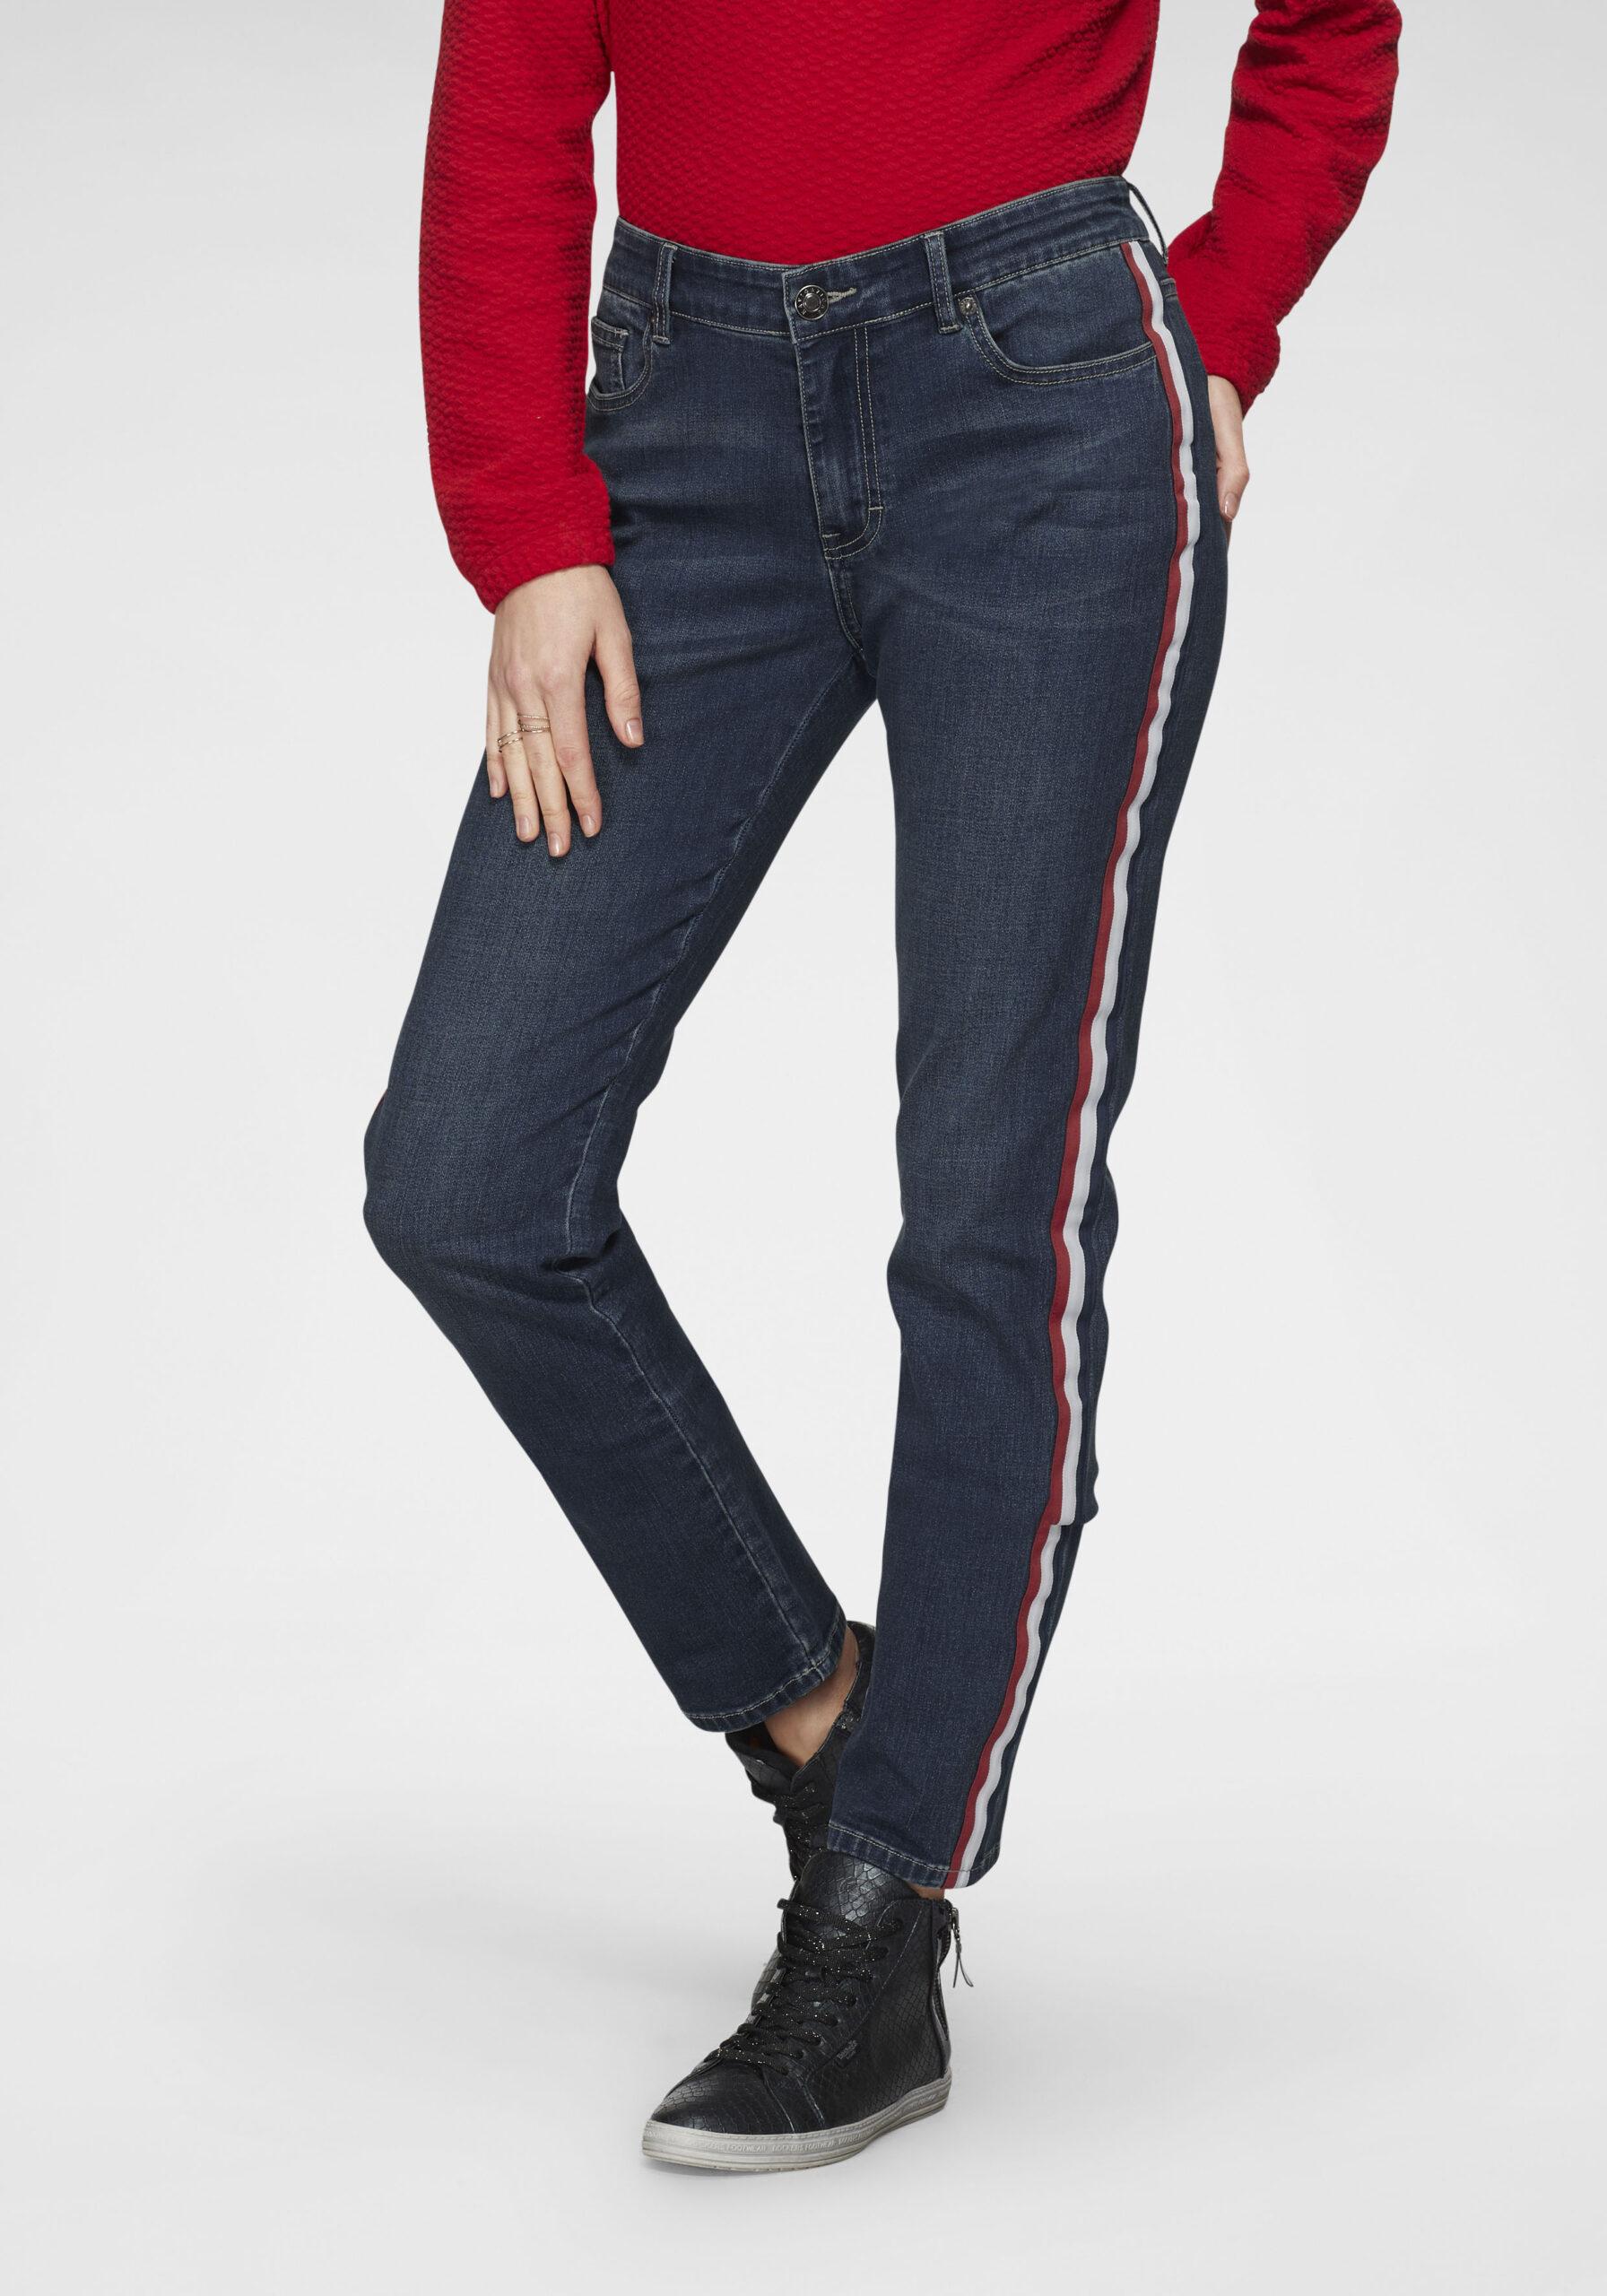 Damen Five-Pocket-Jeans mit Galonstreifen Blau